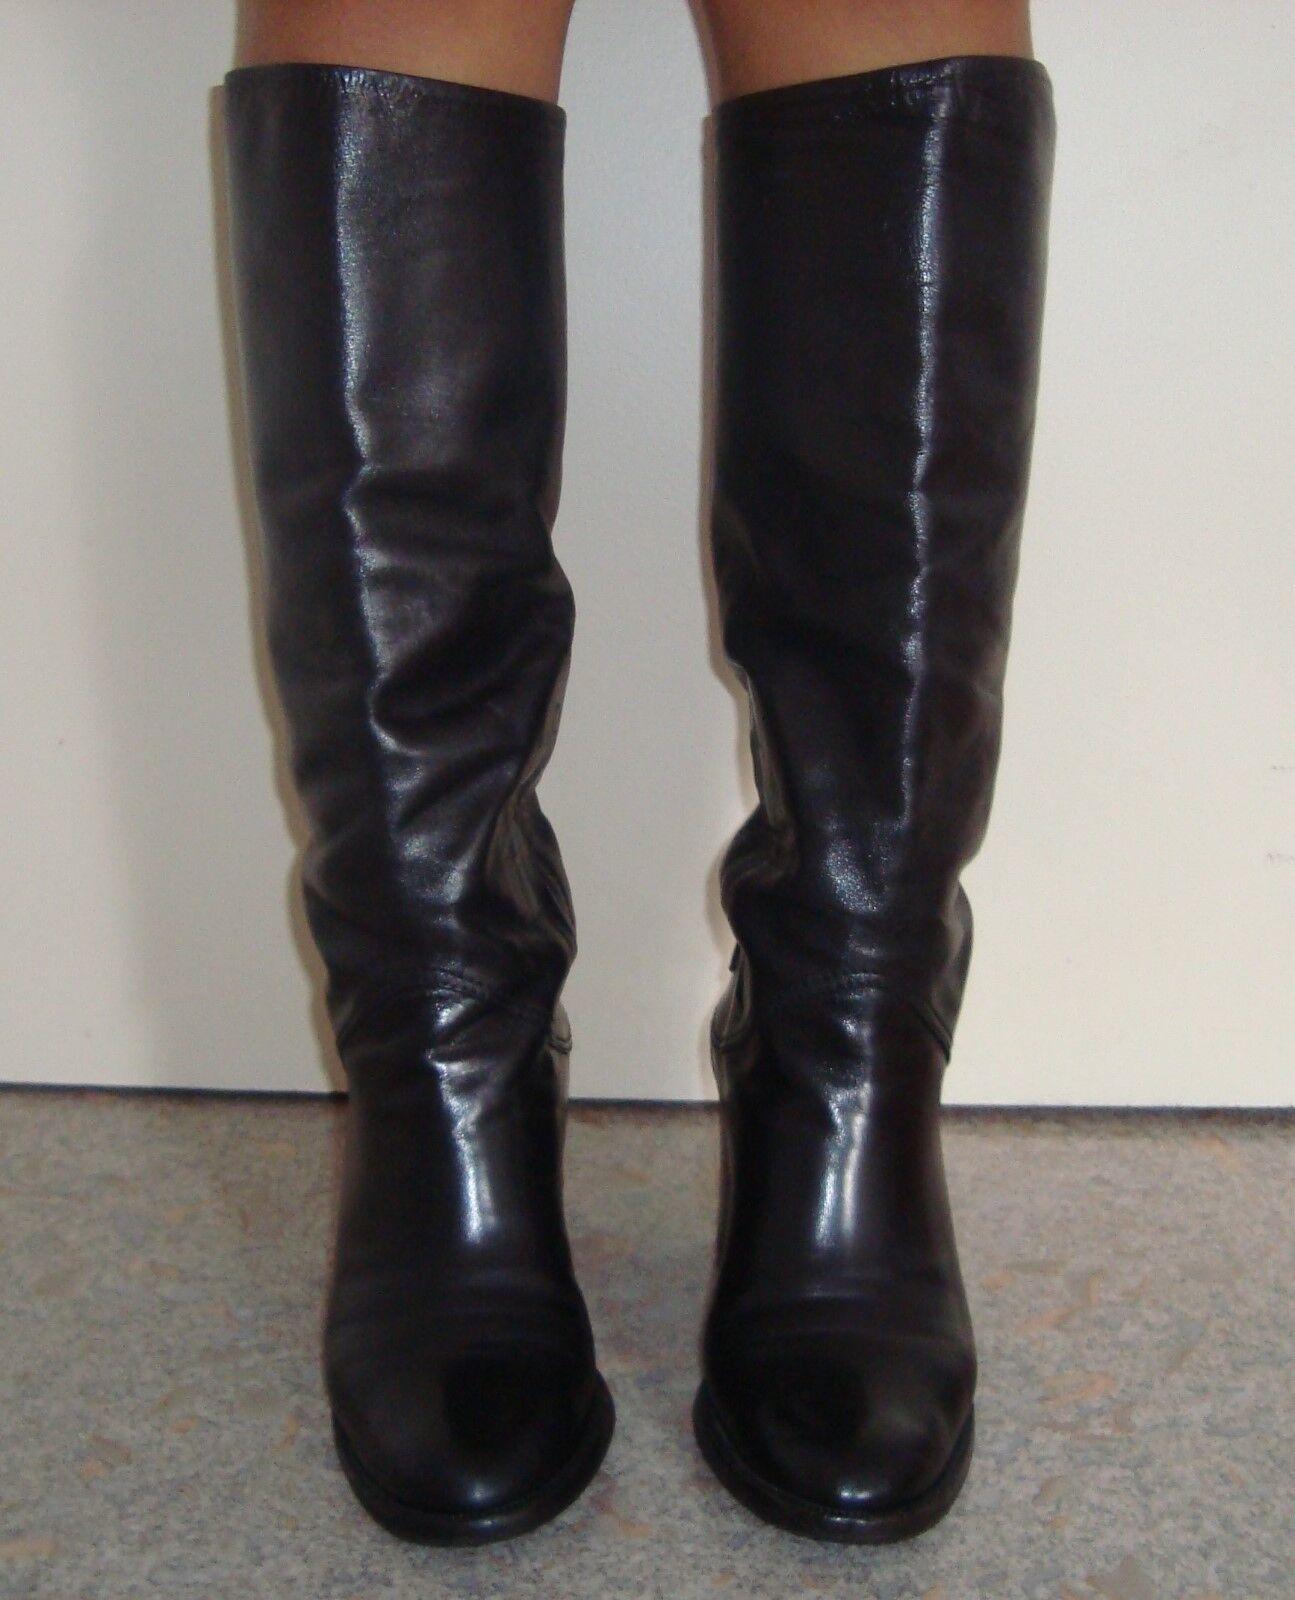 botas CAREL Cuir negro Pointure Pointure Pointure 37.5  las mejores marcas venden barato